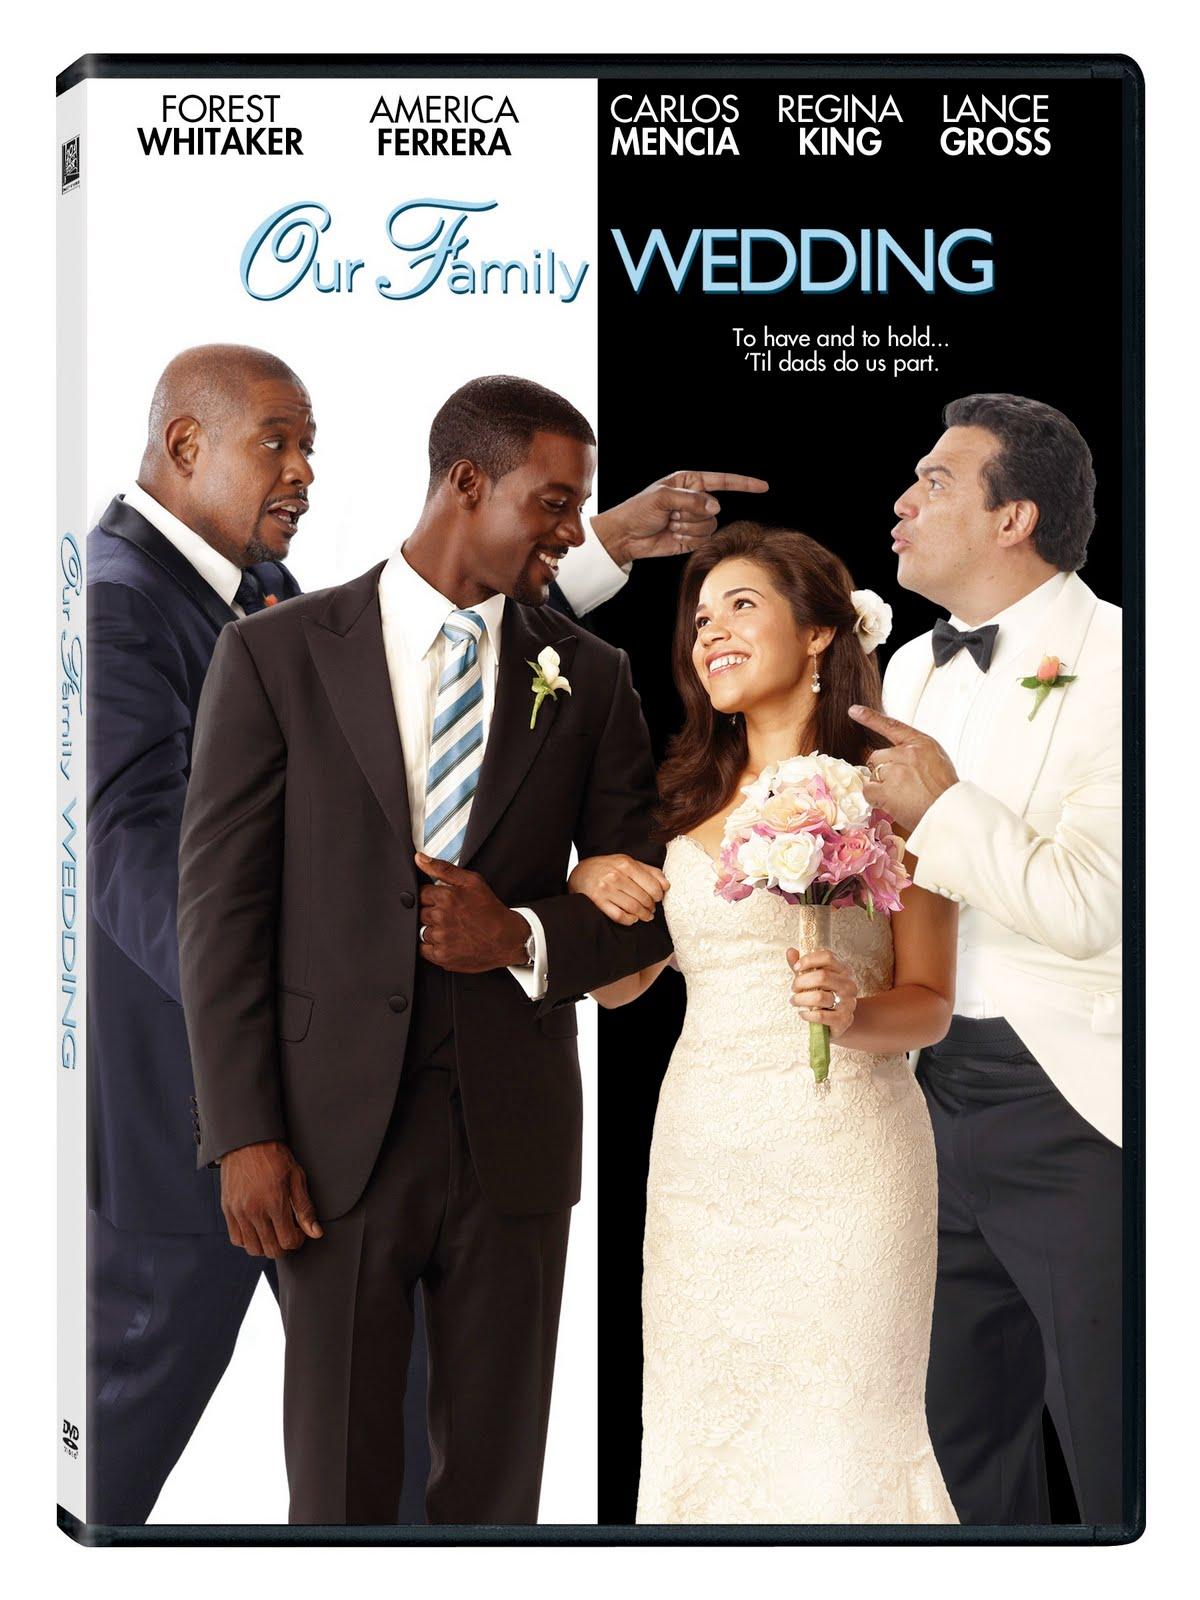 JAM Movie Reviews: JAM Reviews Our Family Wedding From